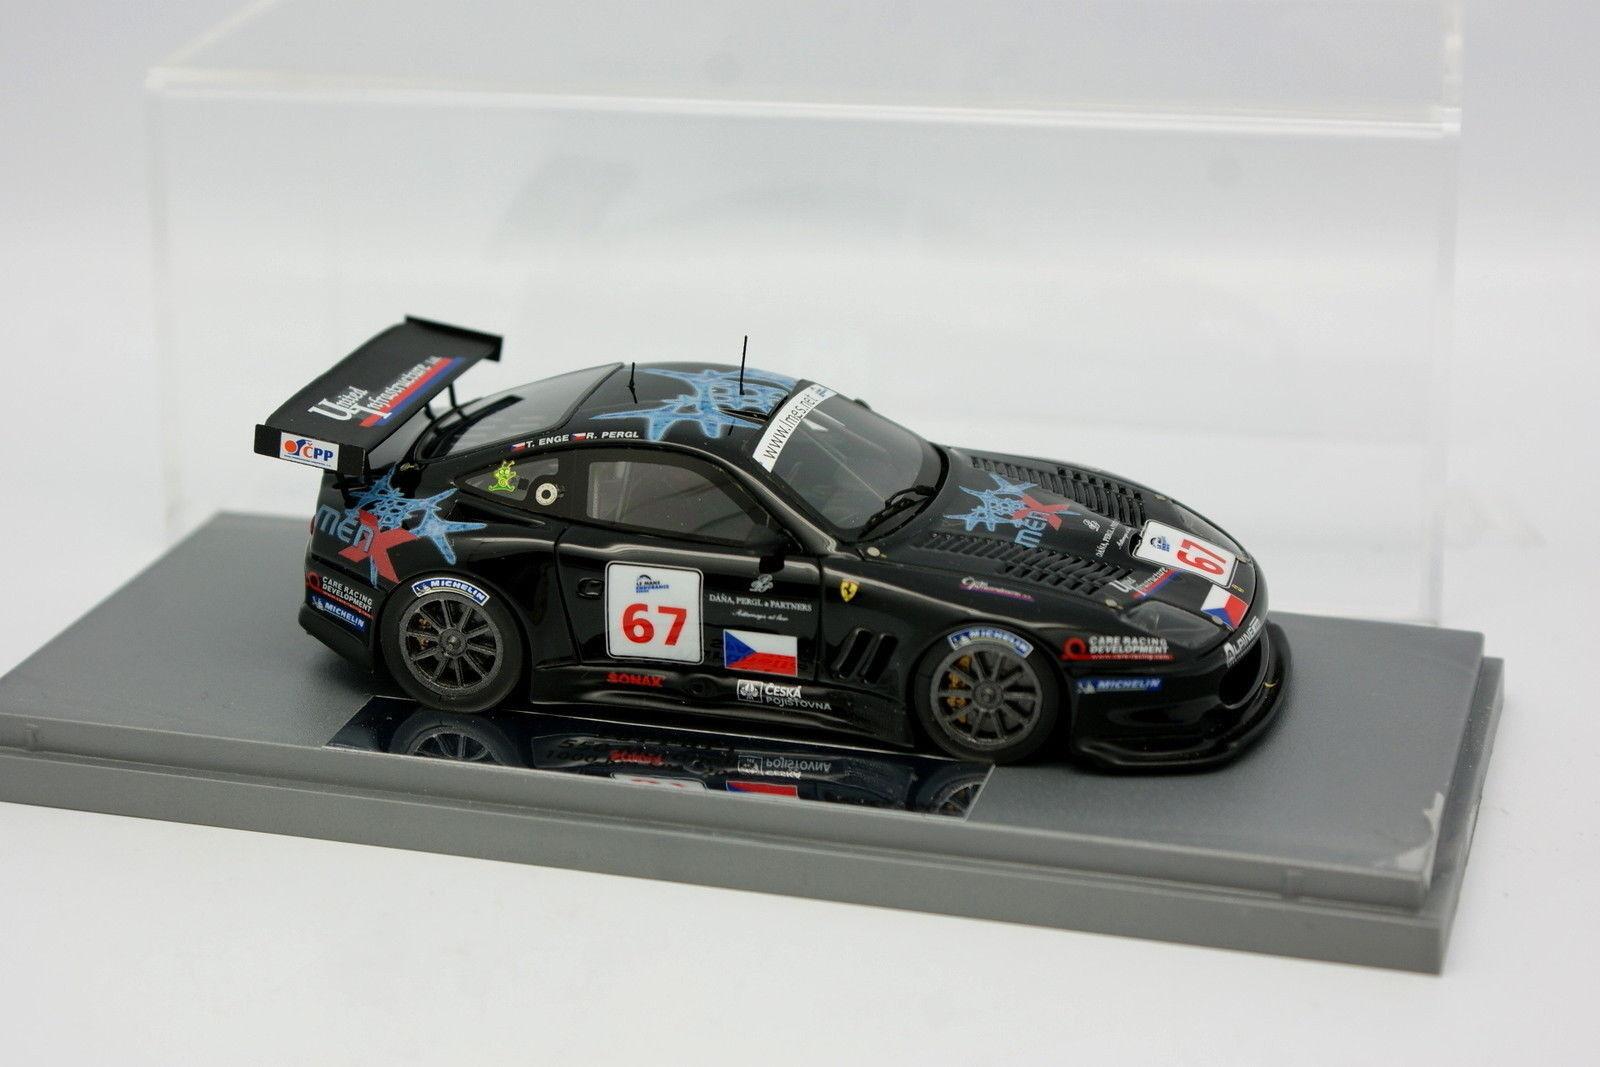 BBR Gasoline 1 43 - Ferrari 550 Maranello Spa 2005 N°67